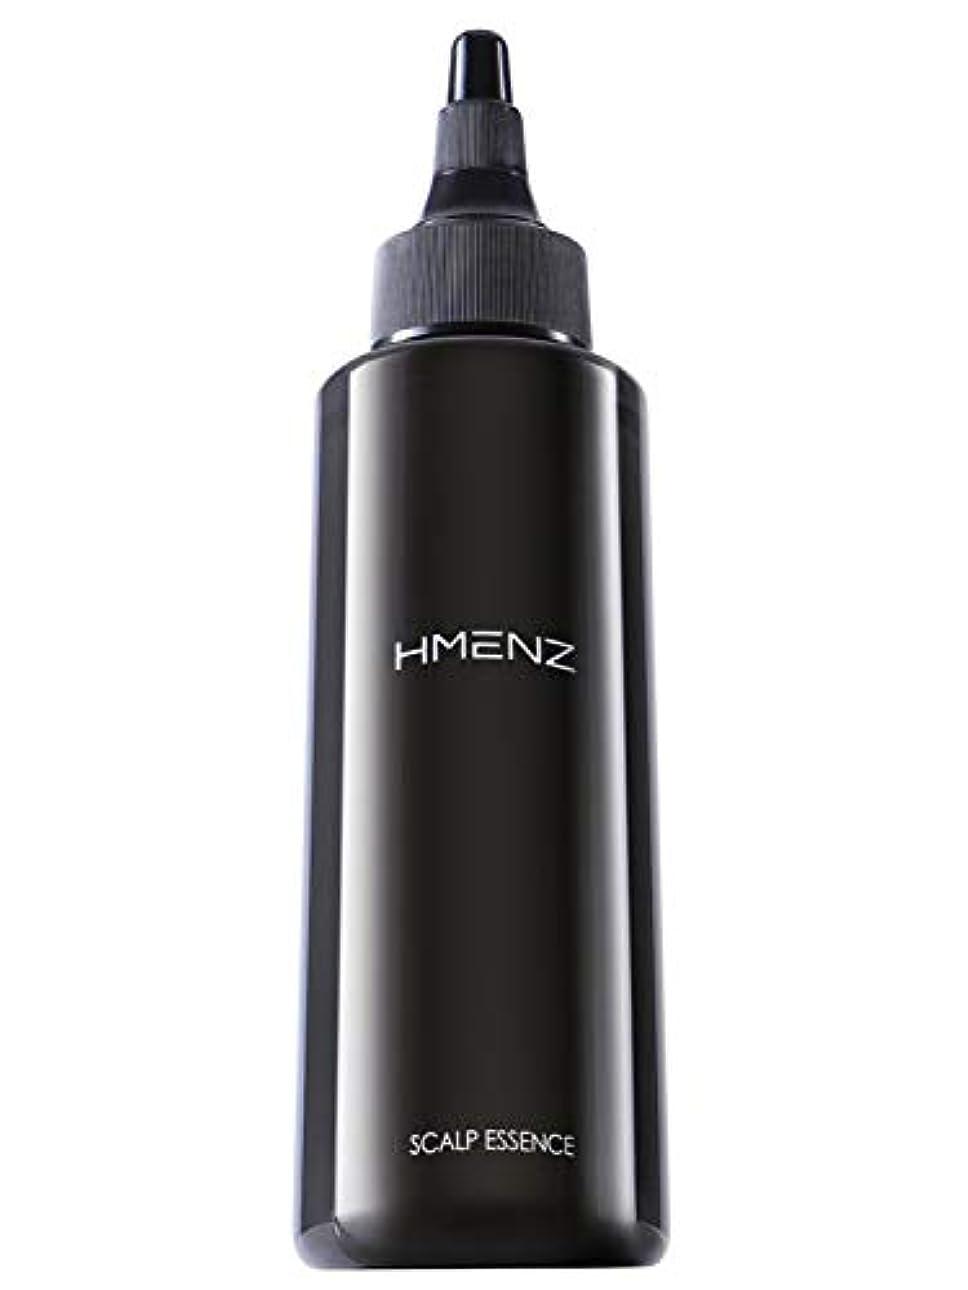 ハング忘れる作成する医薬部外品 HMENZ メンズ 育毛剤 スカルプエッセンス 毛髪エイジングケアシリーズ 和漢根 海藻配合 育毛トニック 120ml